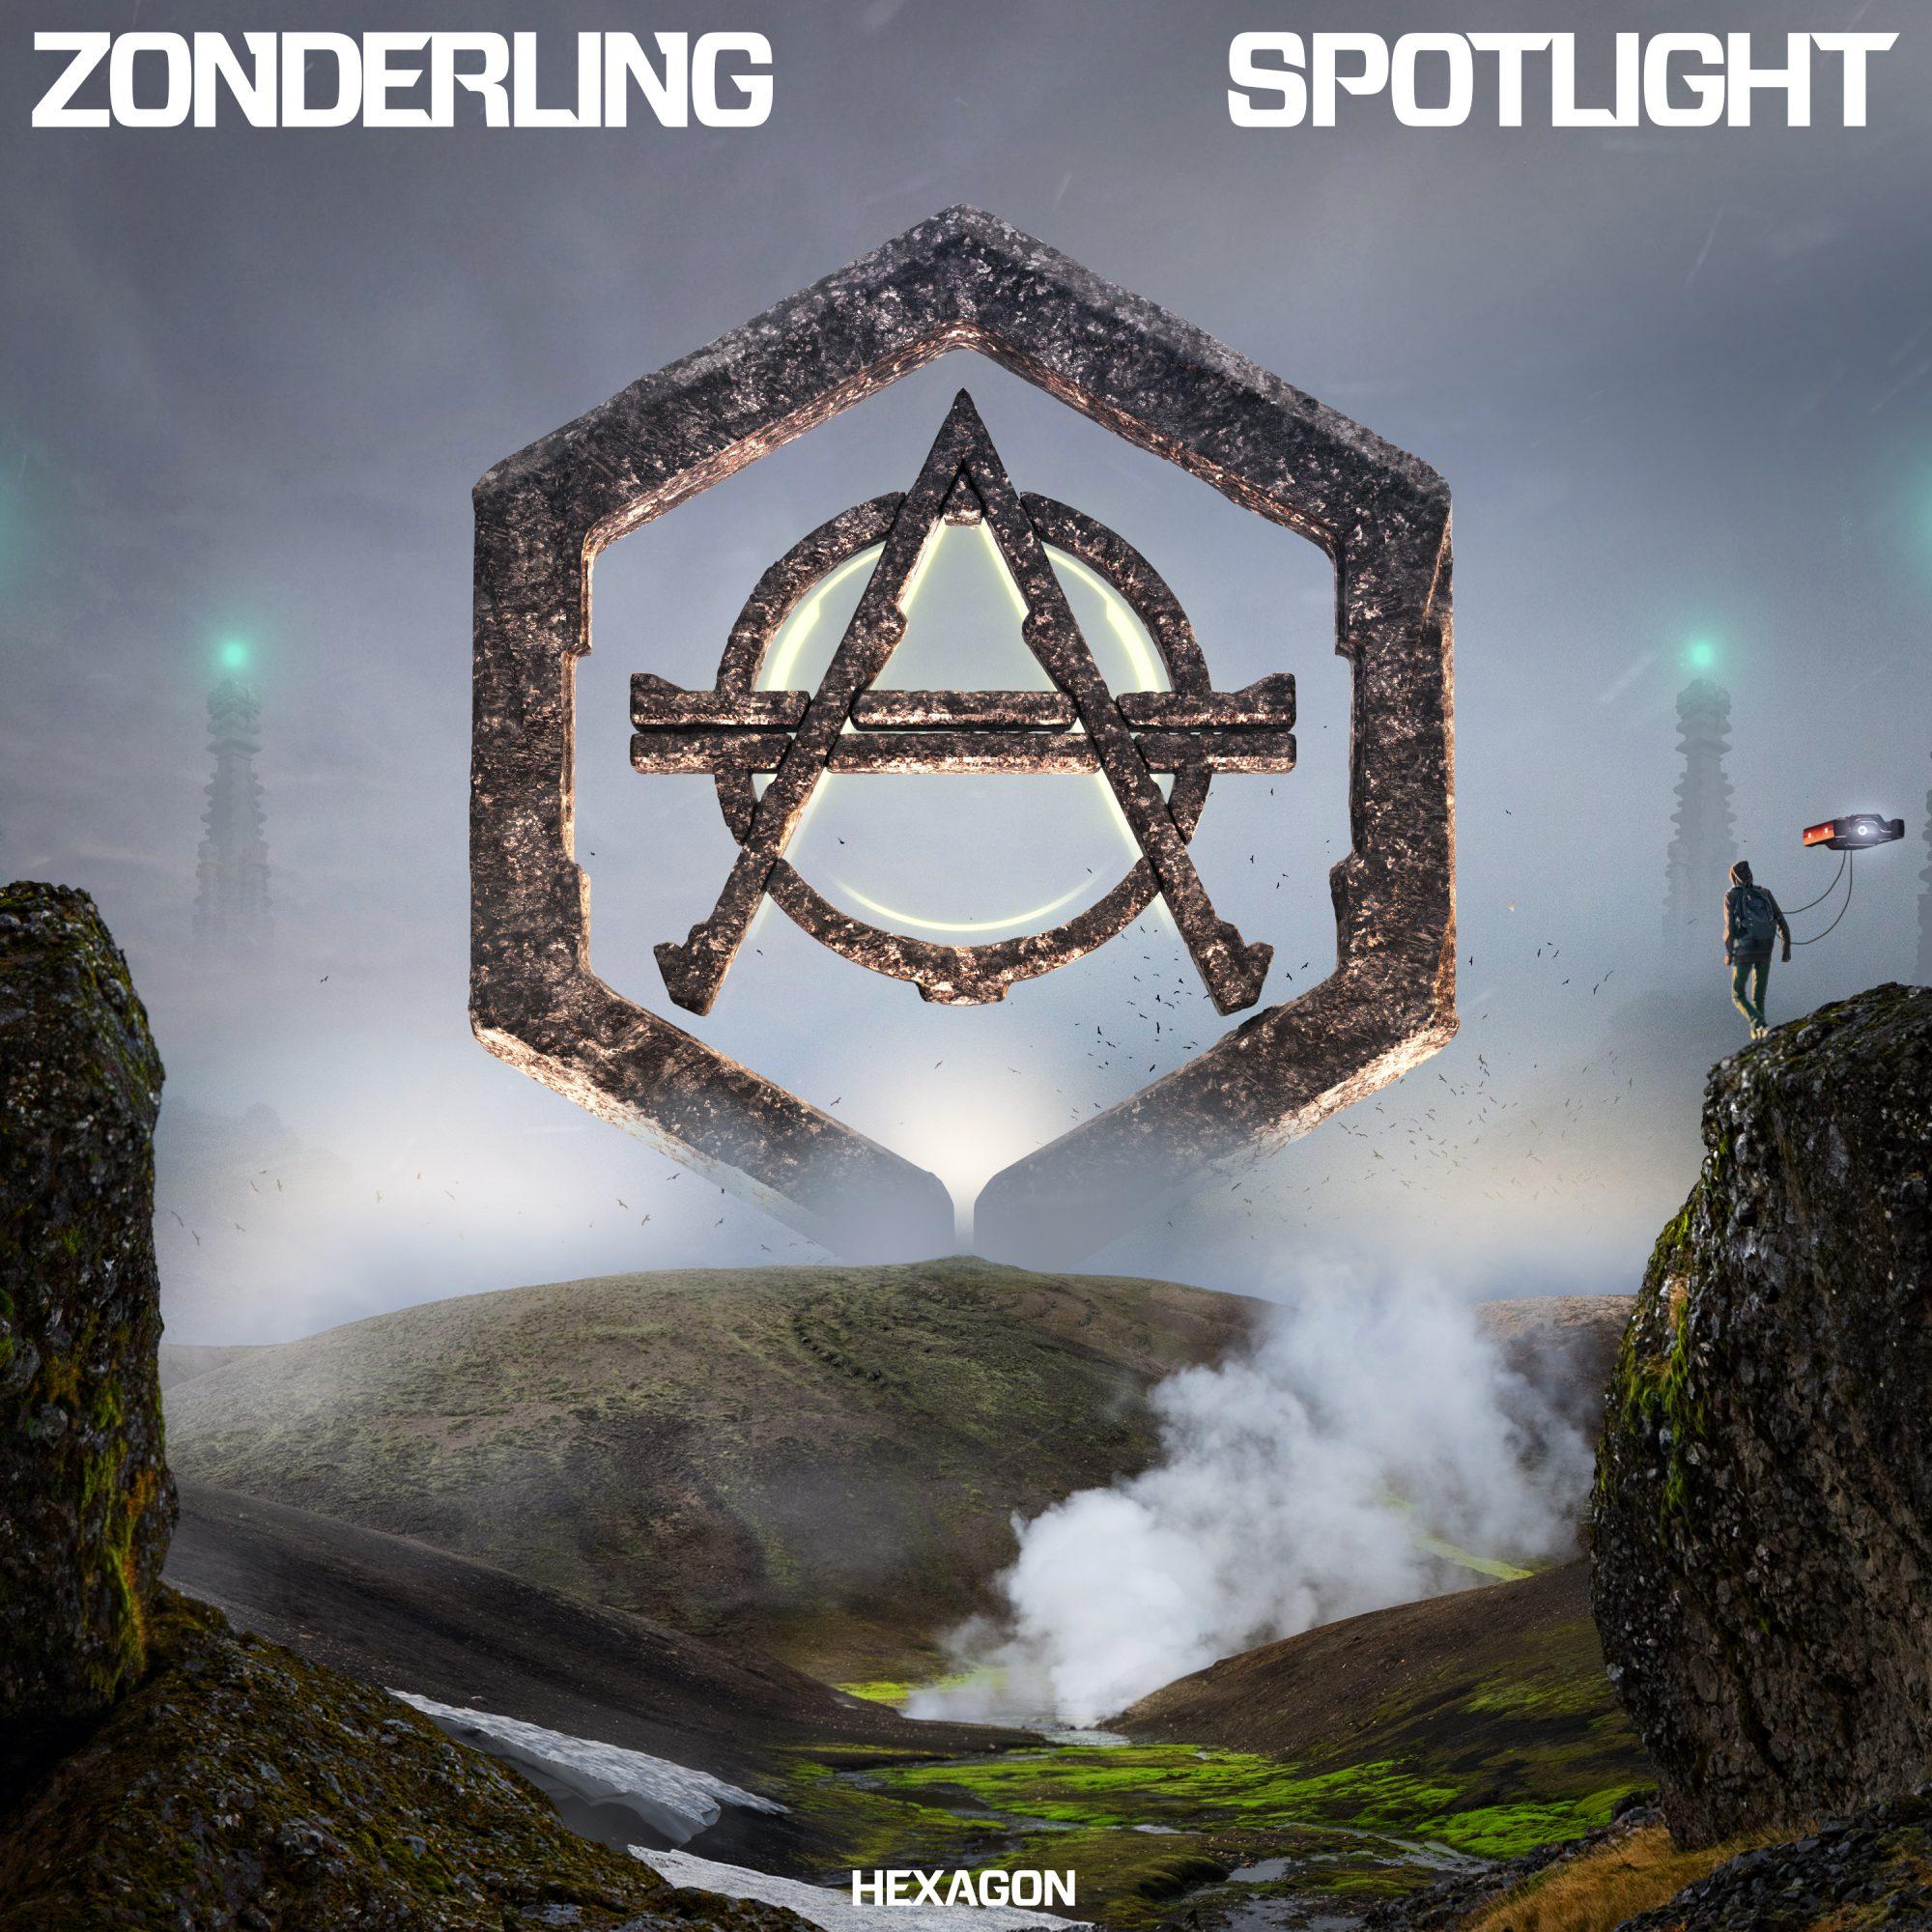 Zonderling Spotlight